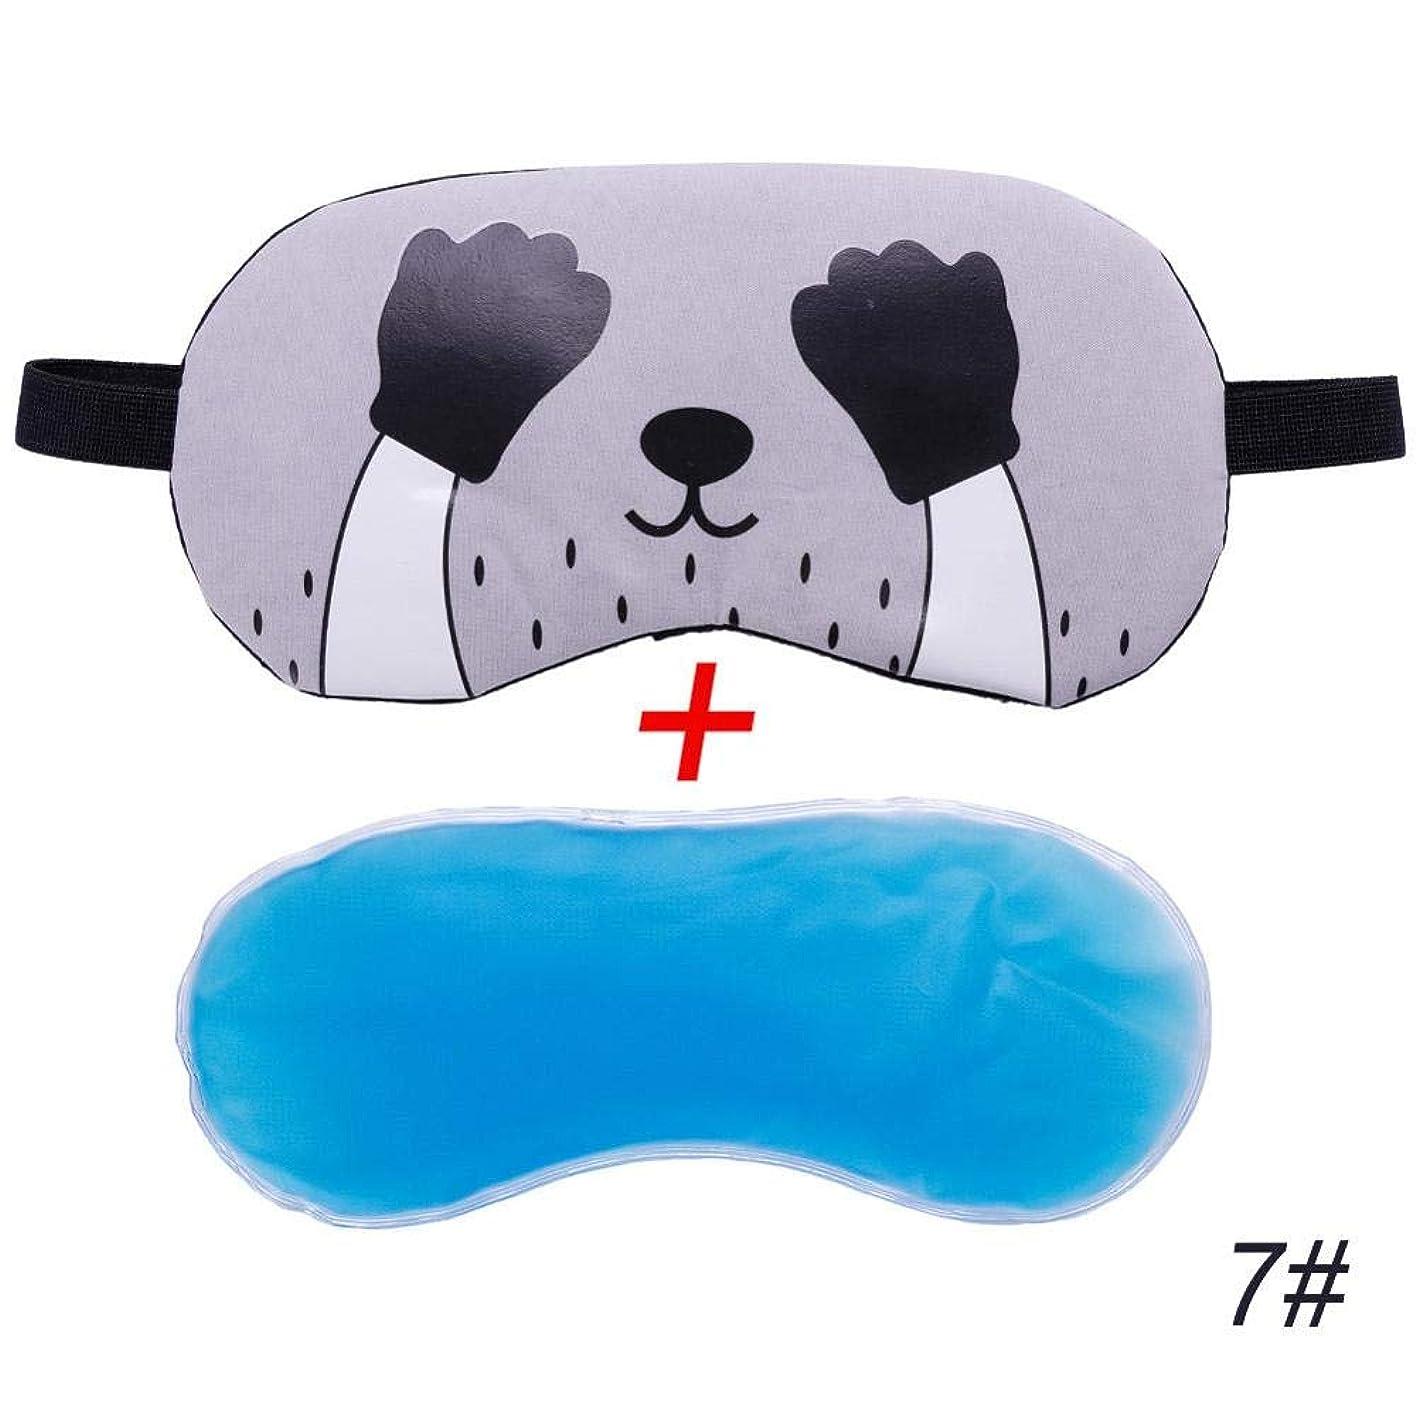 悪性縫い目プロペラNOTE かわいい猫漫画ソフトアイ睡眠援助マスク付き快適なアイスジェル旅行残りアイシェードカバー目隠しアイケアツール#280205